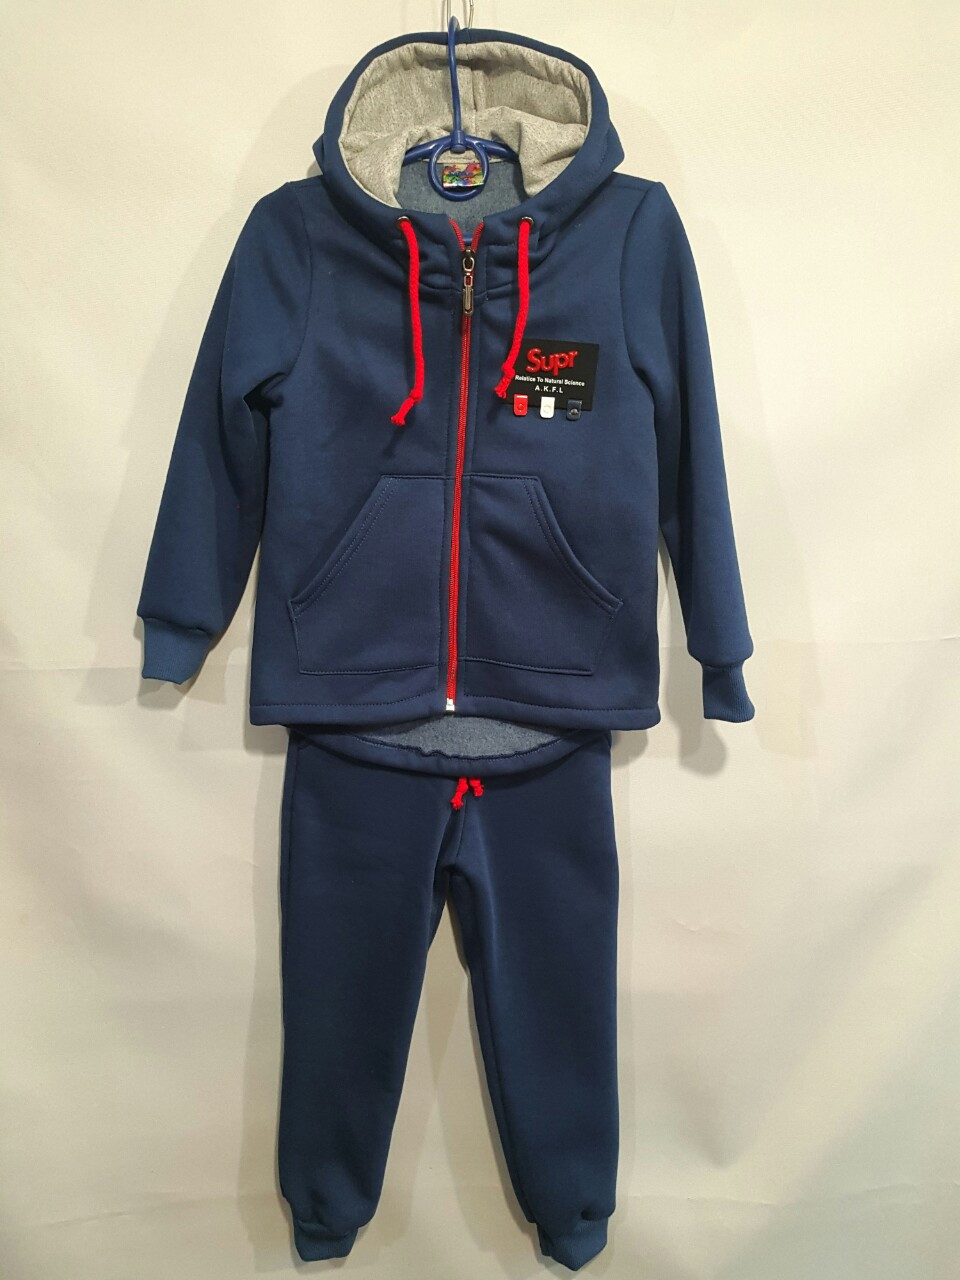 Спортивный утепленный костюм  #1911 детский. 4-7 лет (104-122 см). Синий. Оптом